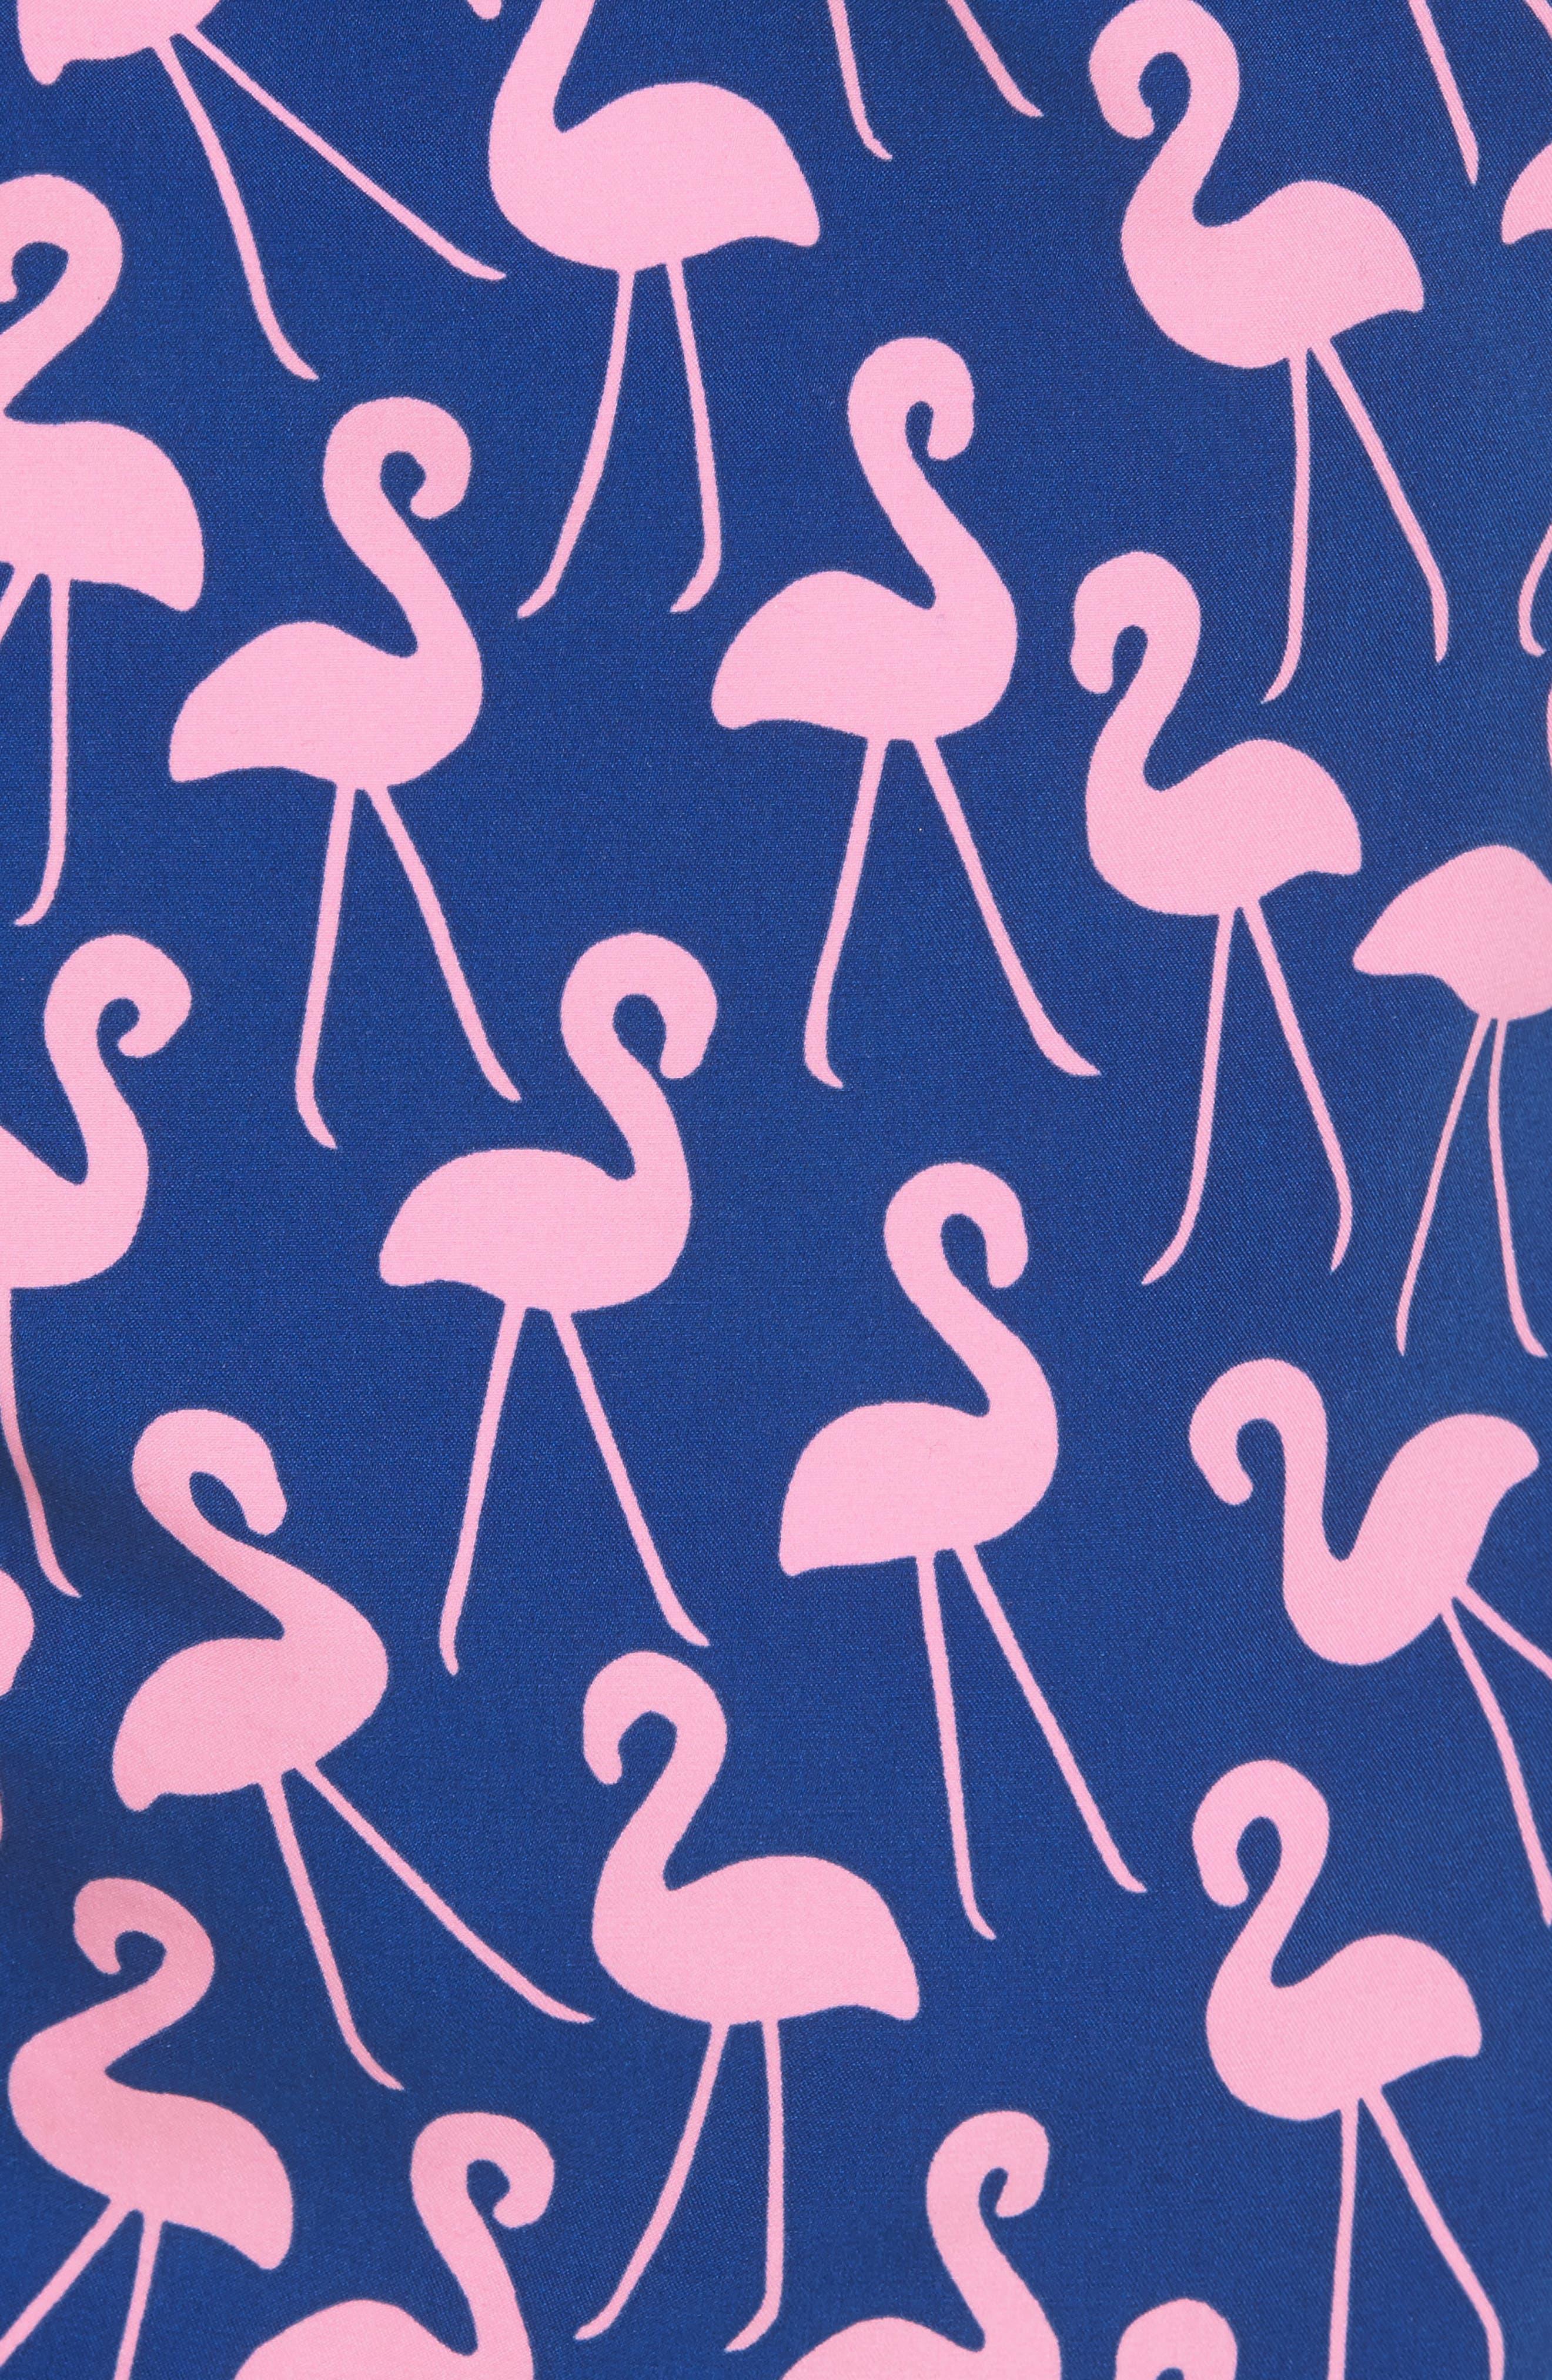 Flamingo Print Swim Trunks,                             Alternate thumbnail 5, color,                             Rose / Blue